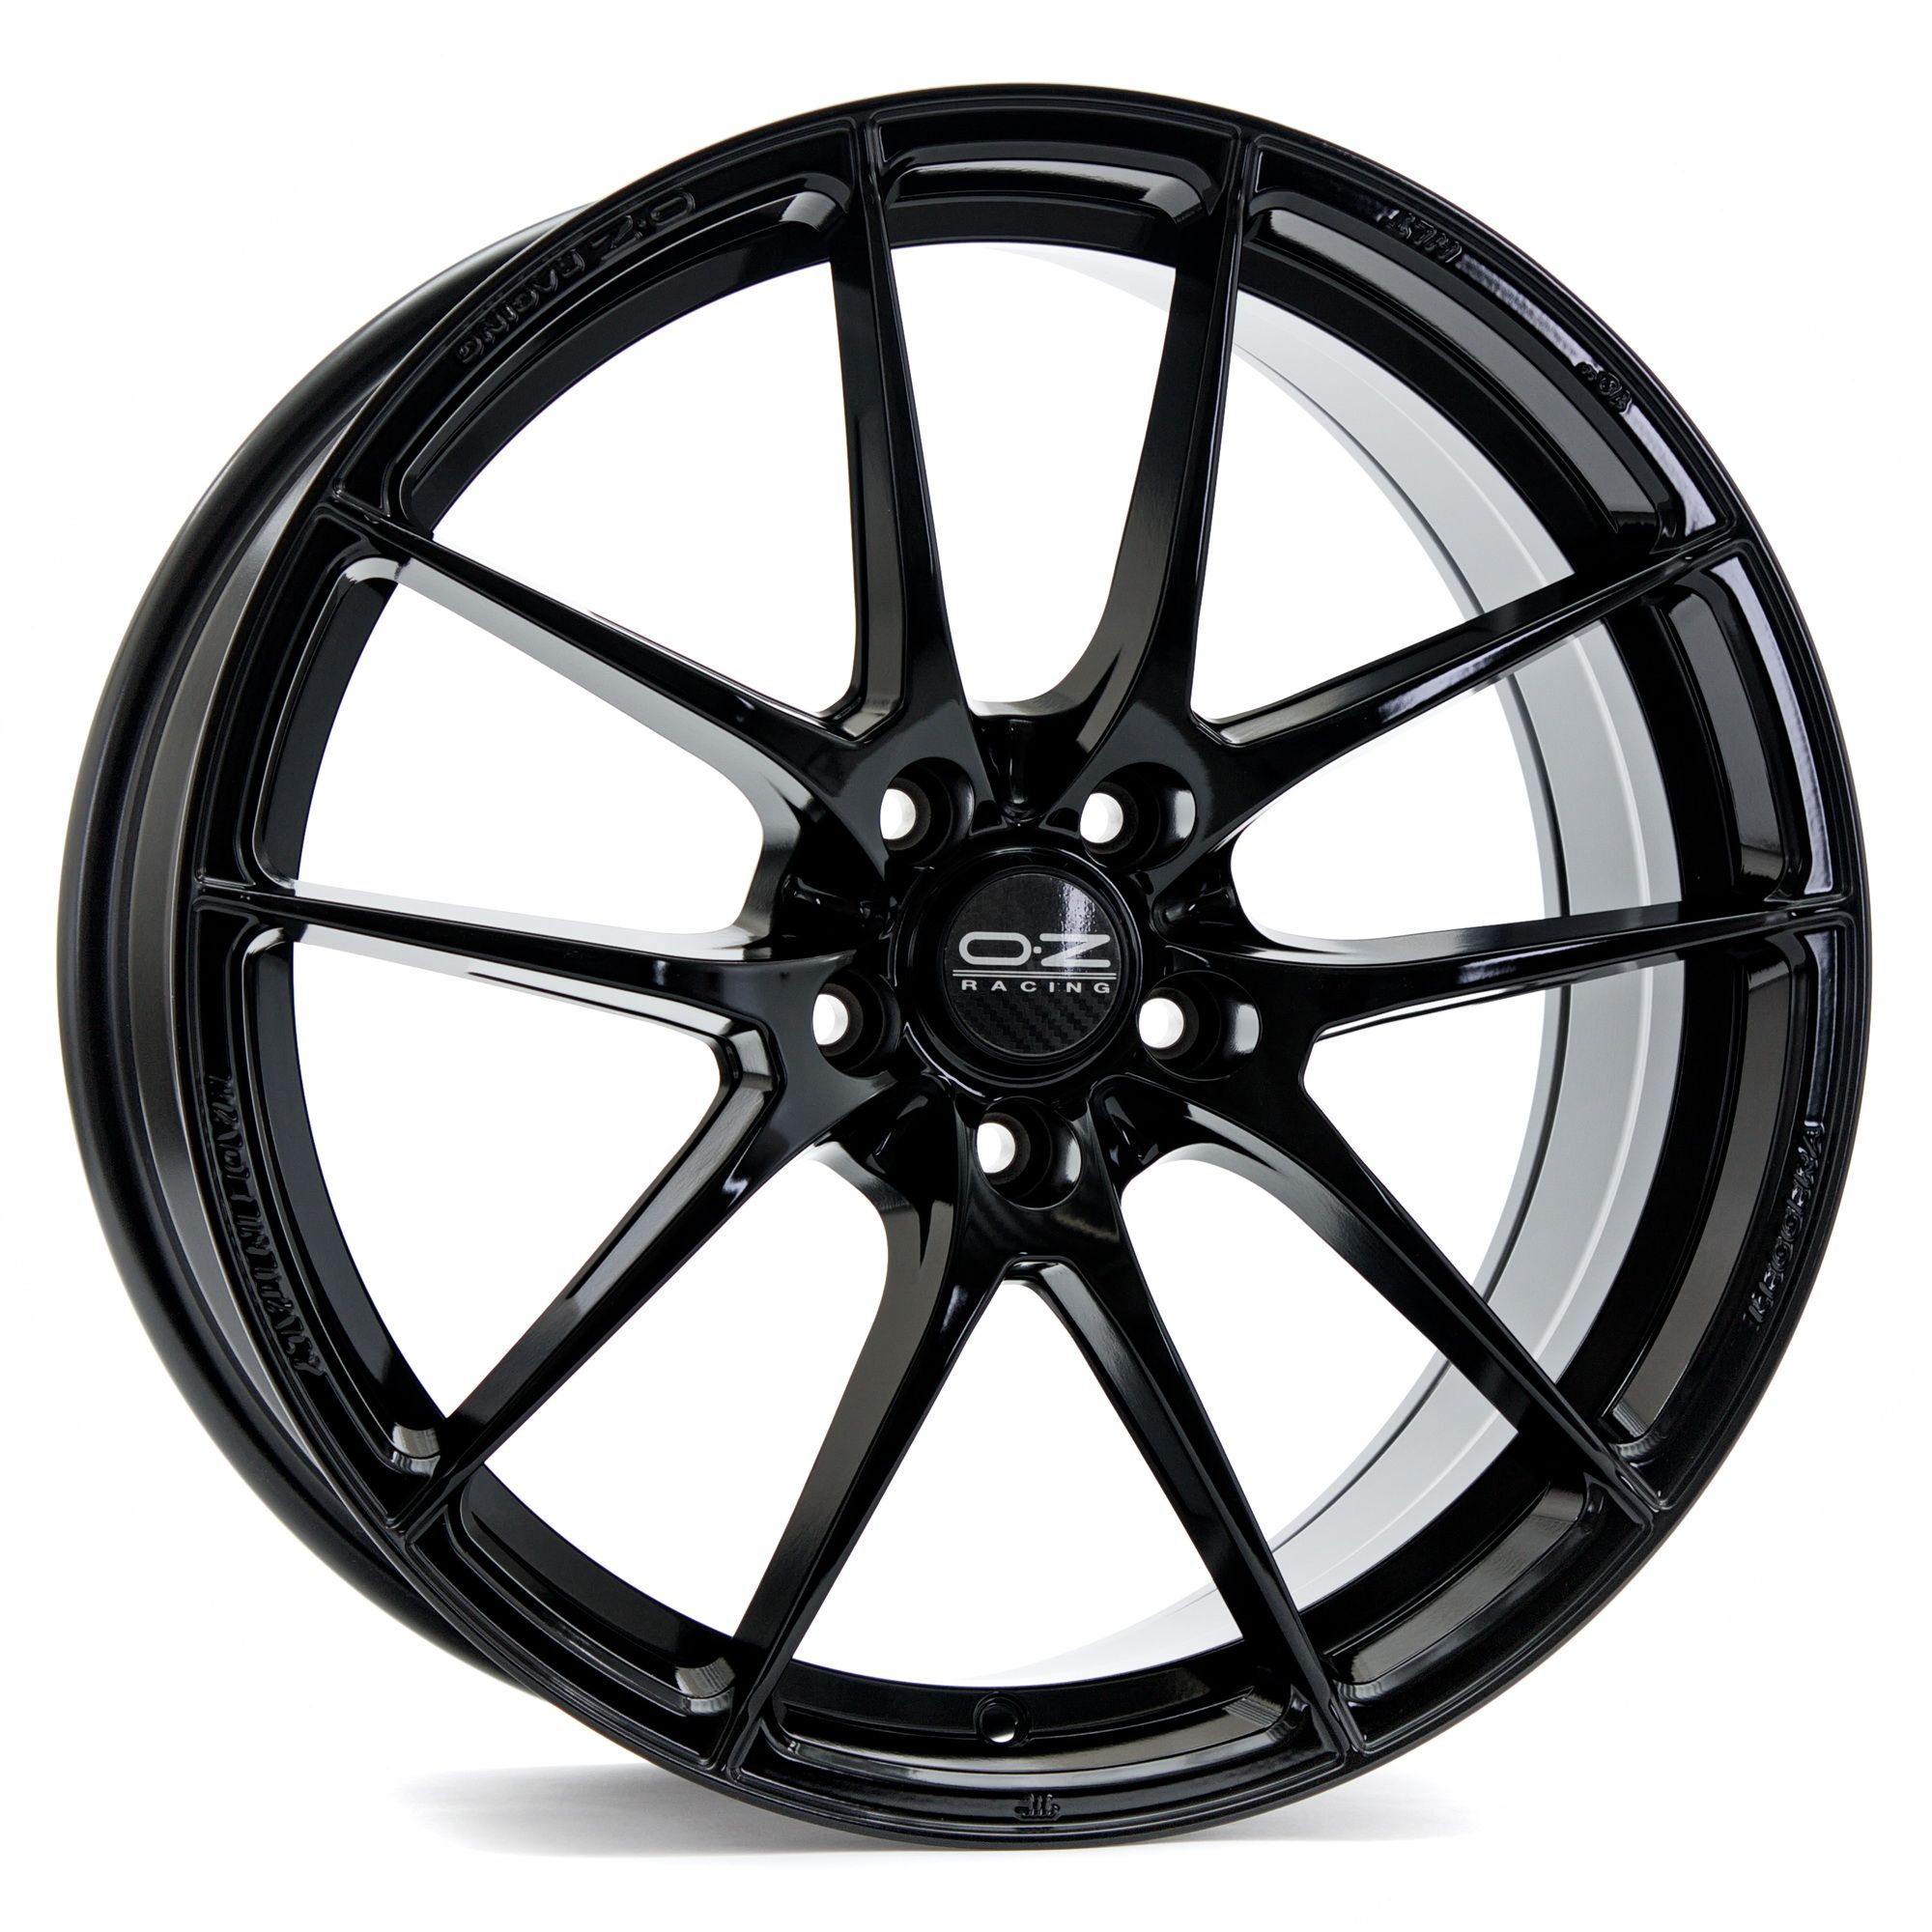 oz racing leggera hlt felgen gloss black in 20 zoll. Black Bedroom Furniture Sets. Home Design Ideas